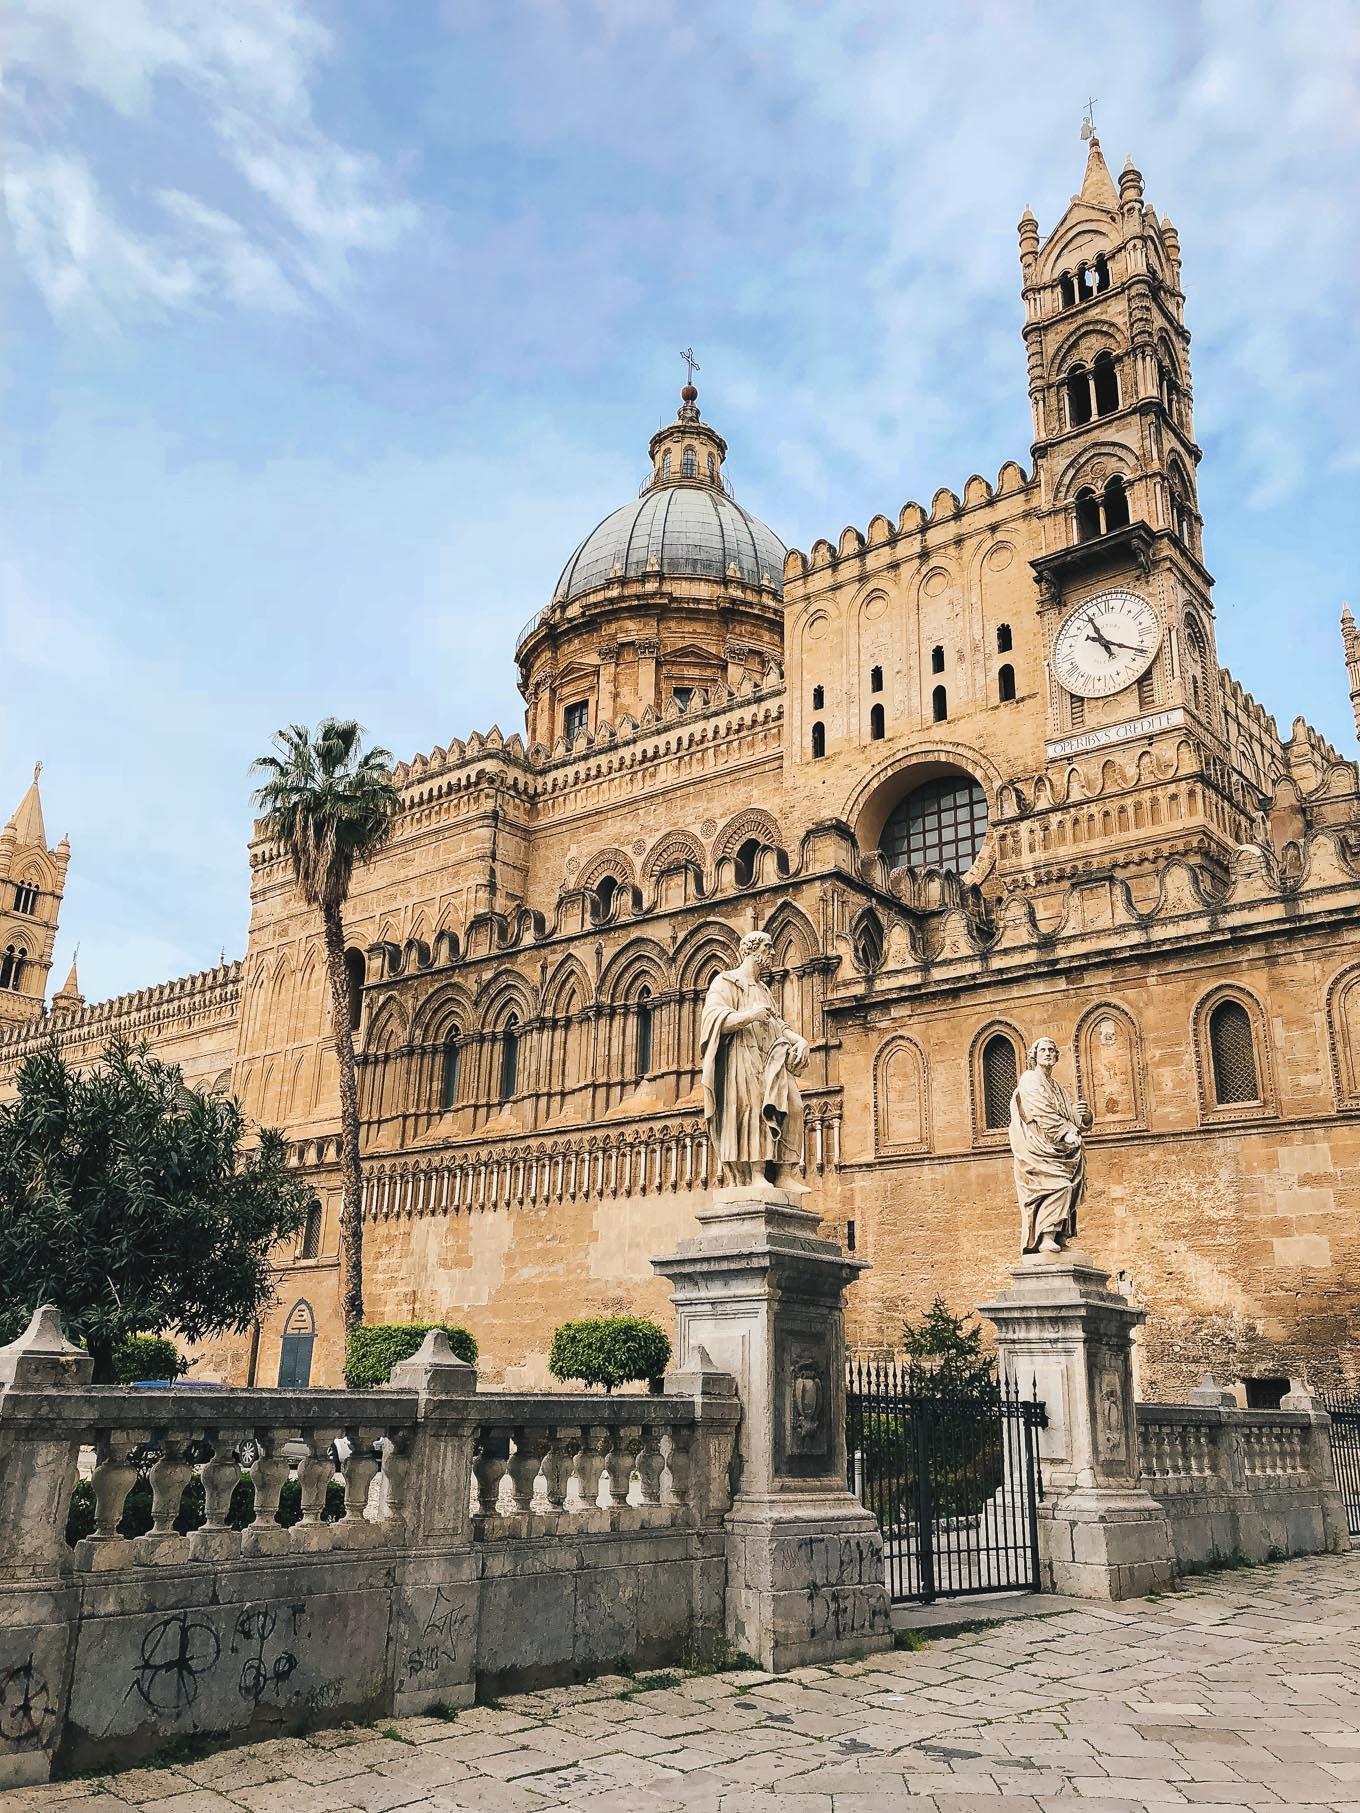 Catedralle di Palermo Sicily